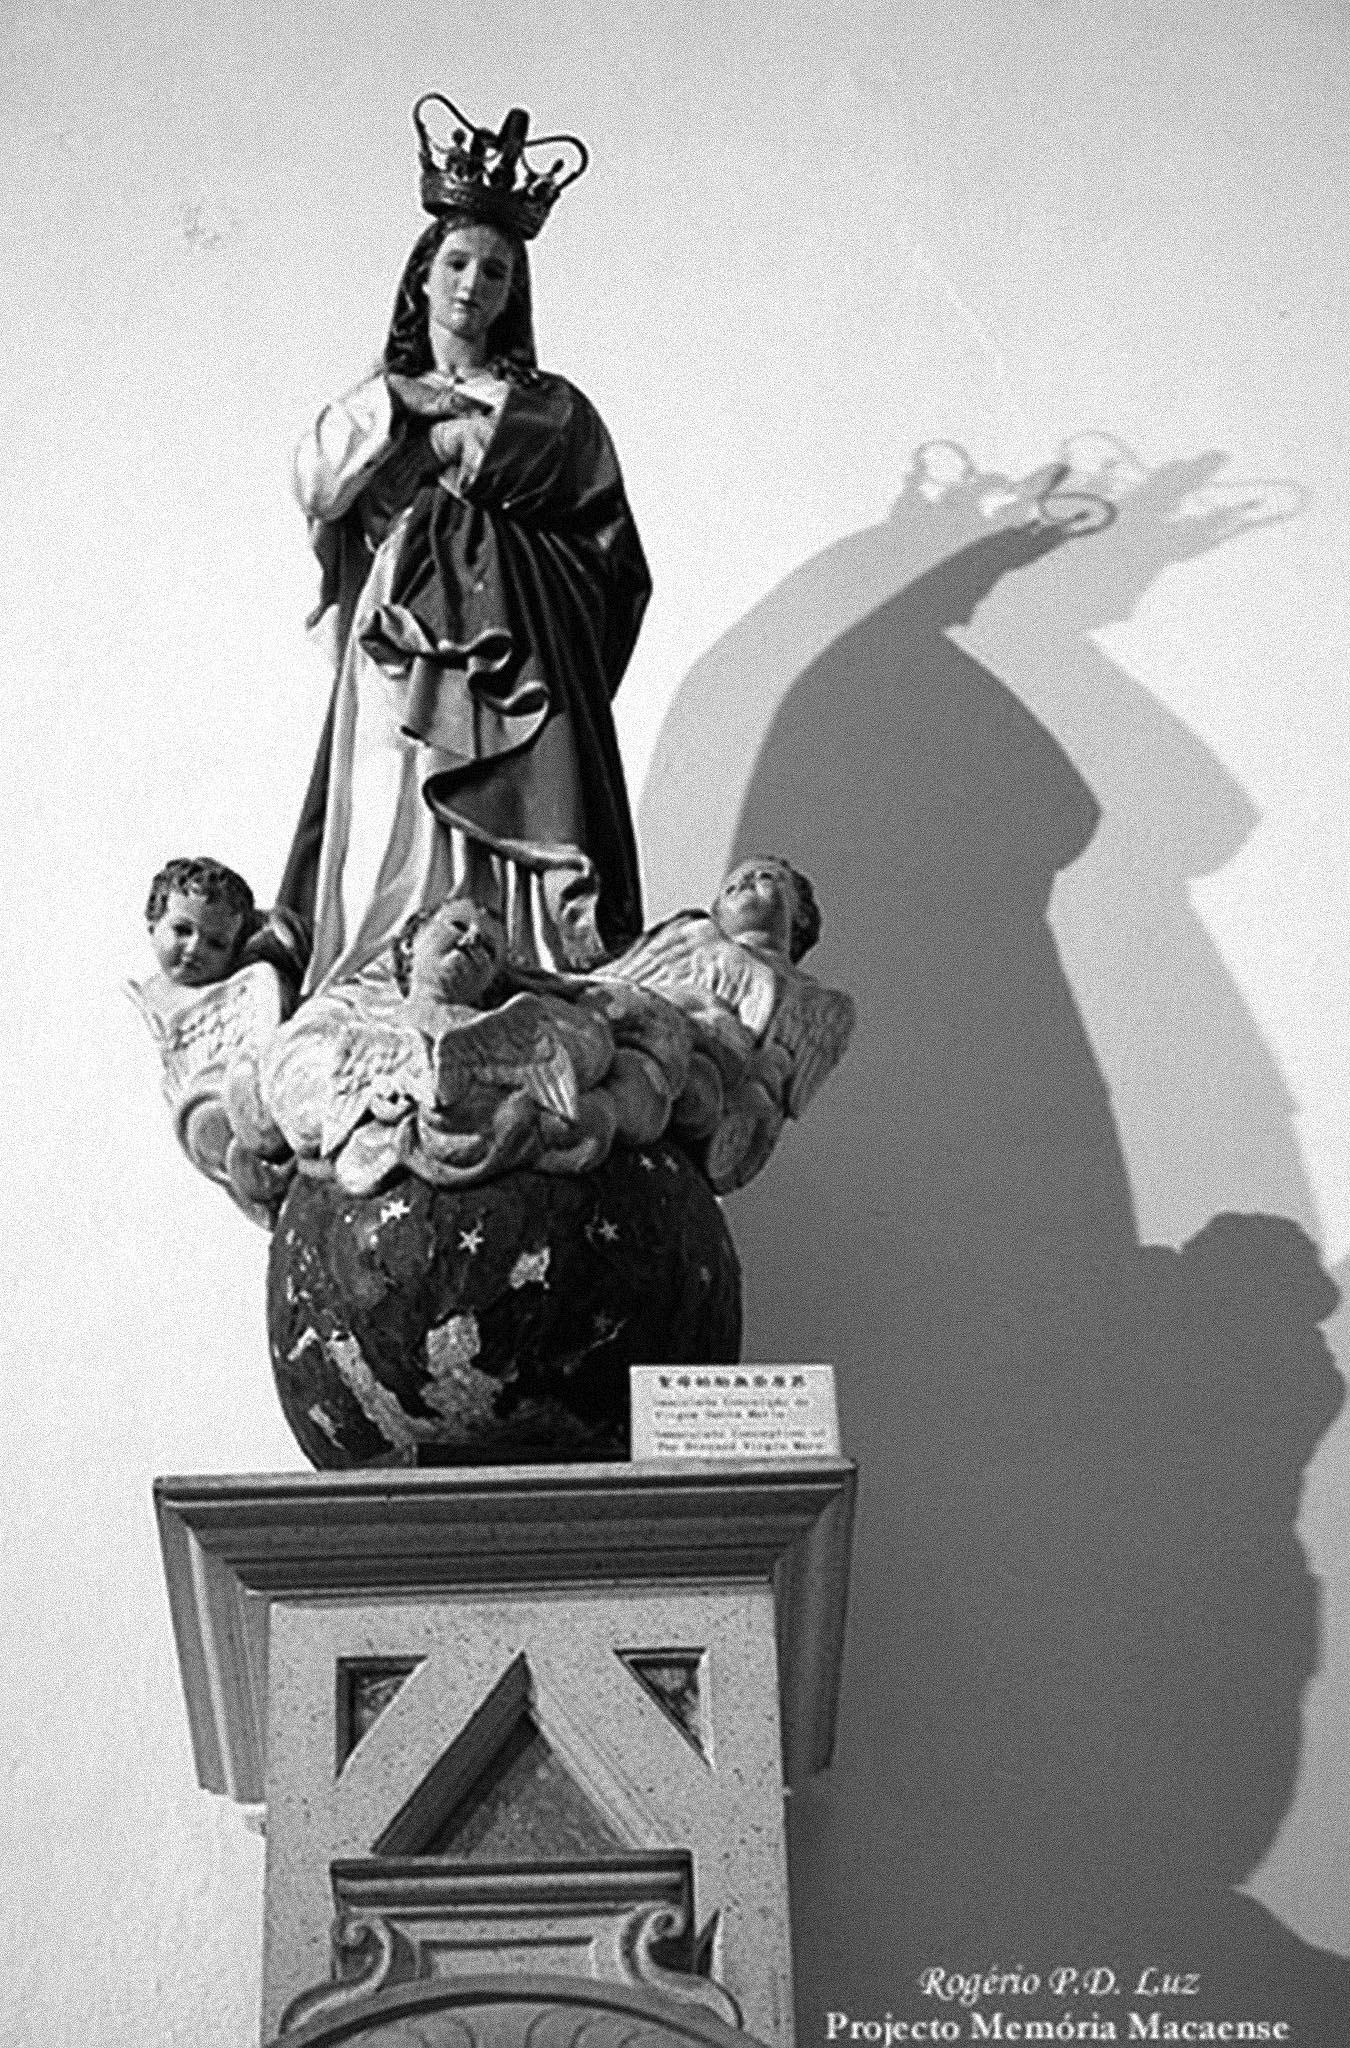 Imaculada Conceição padroeira de Macau